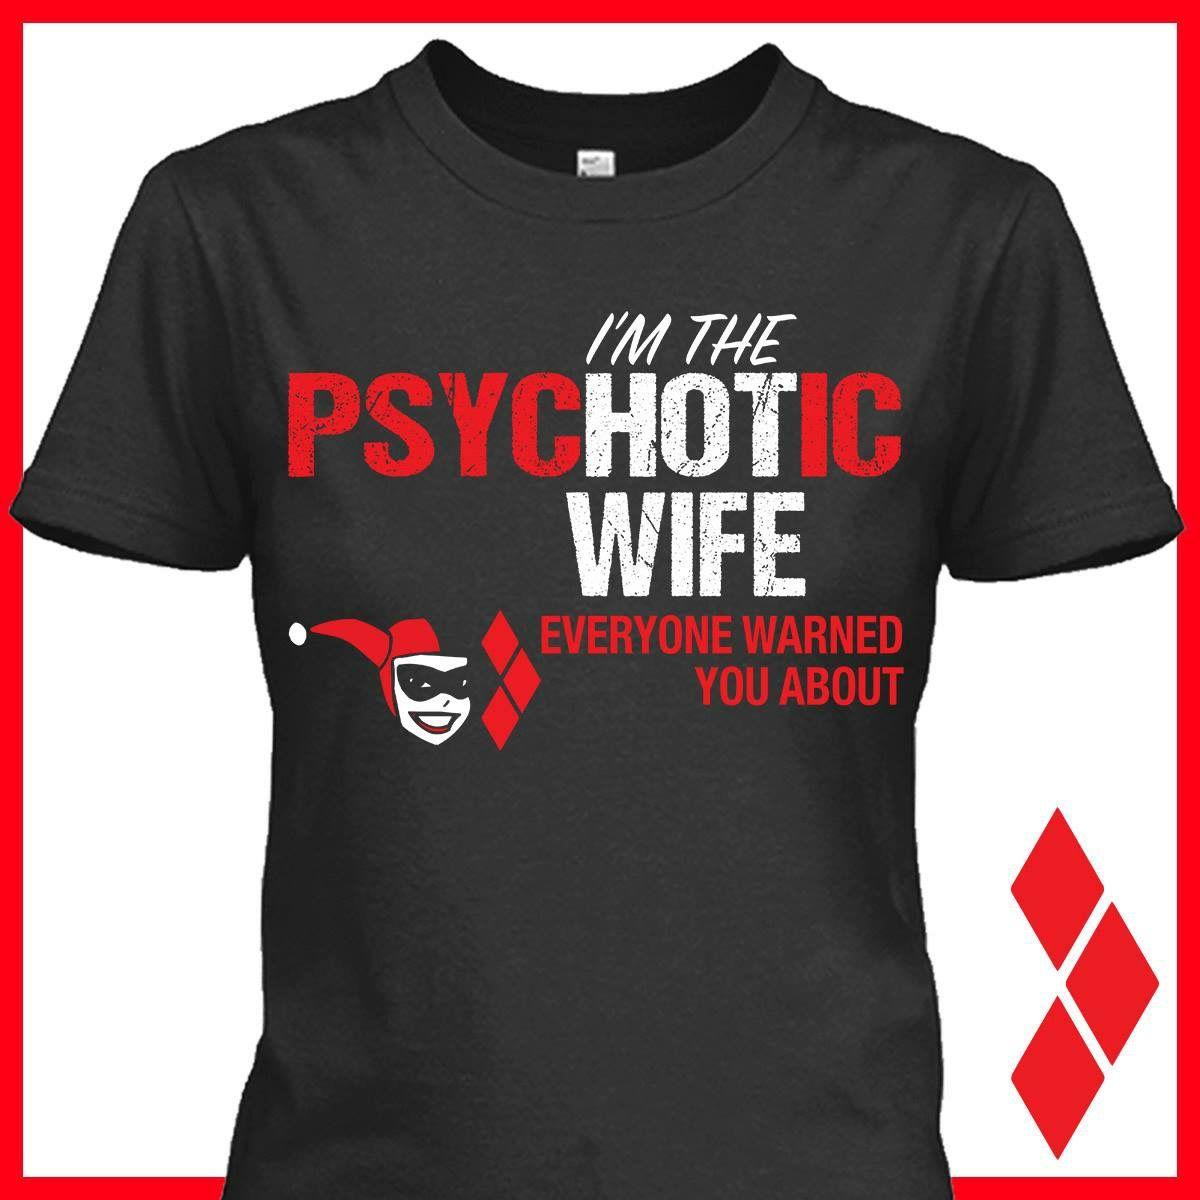 fe1b93d5f2bb Harley Quinn shirt